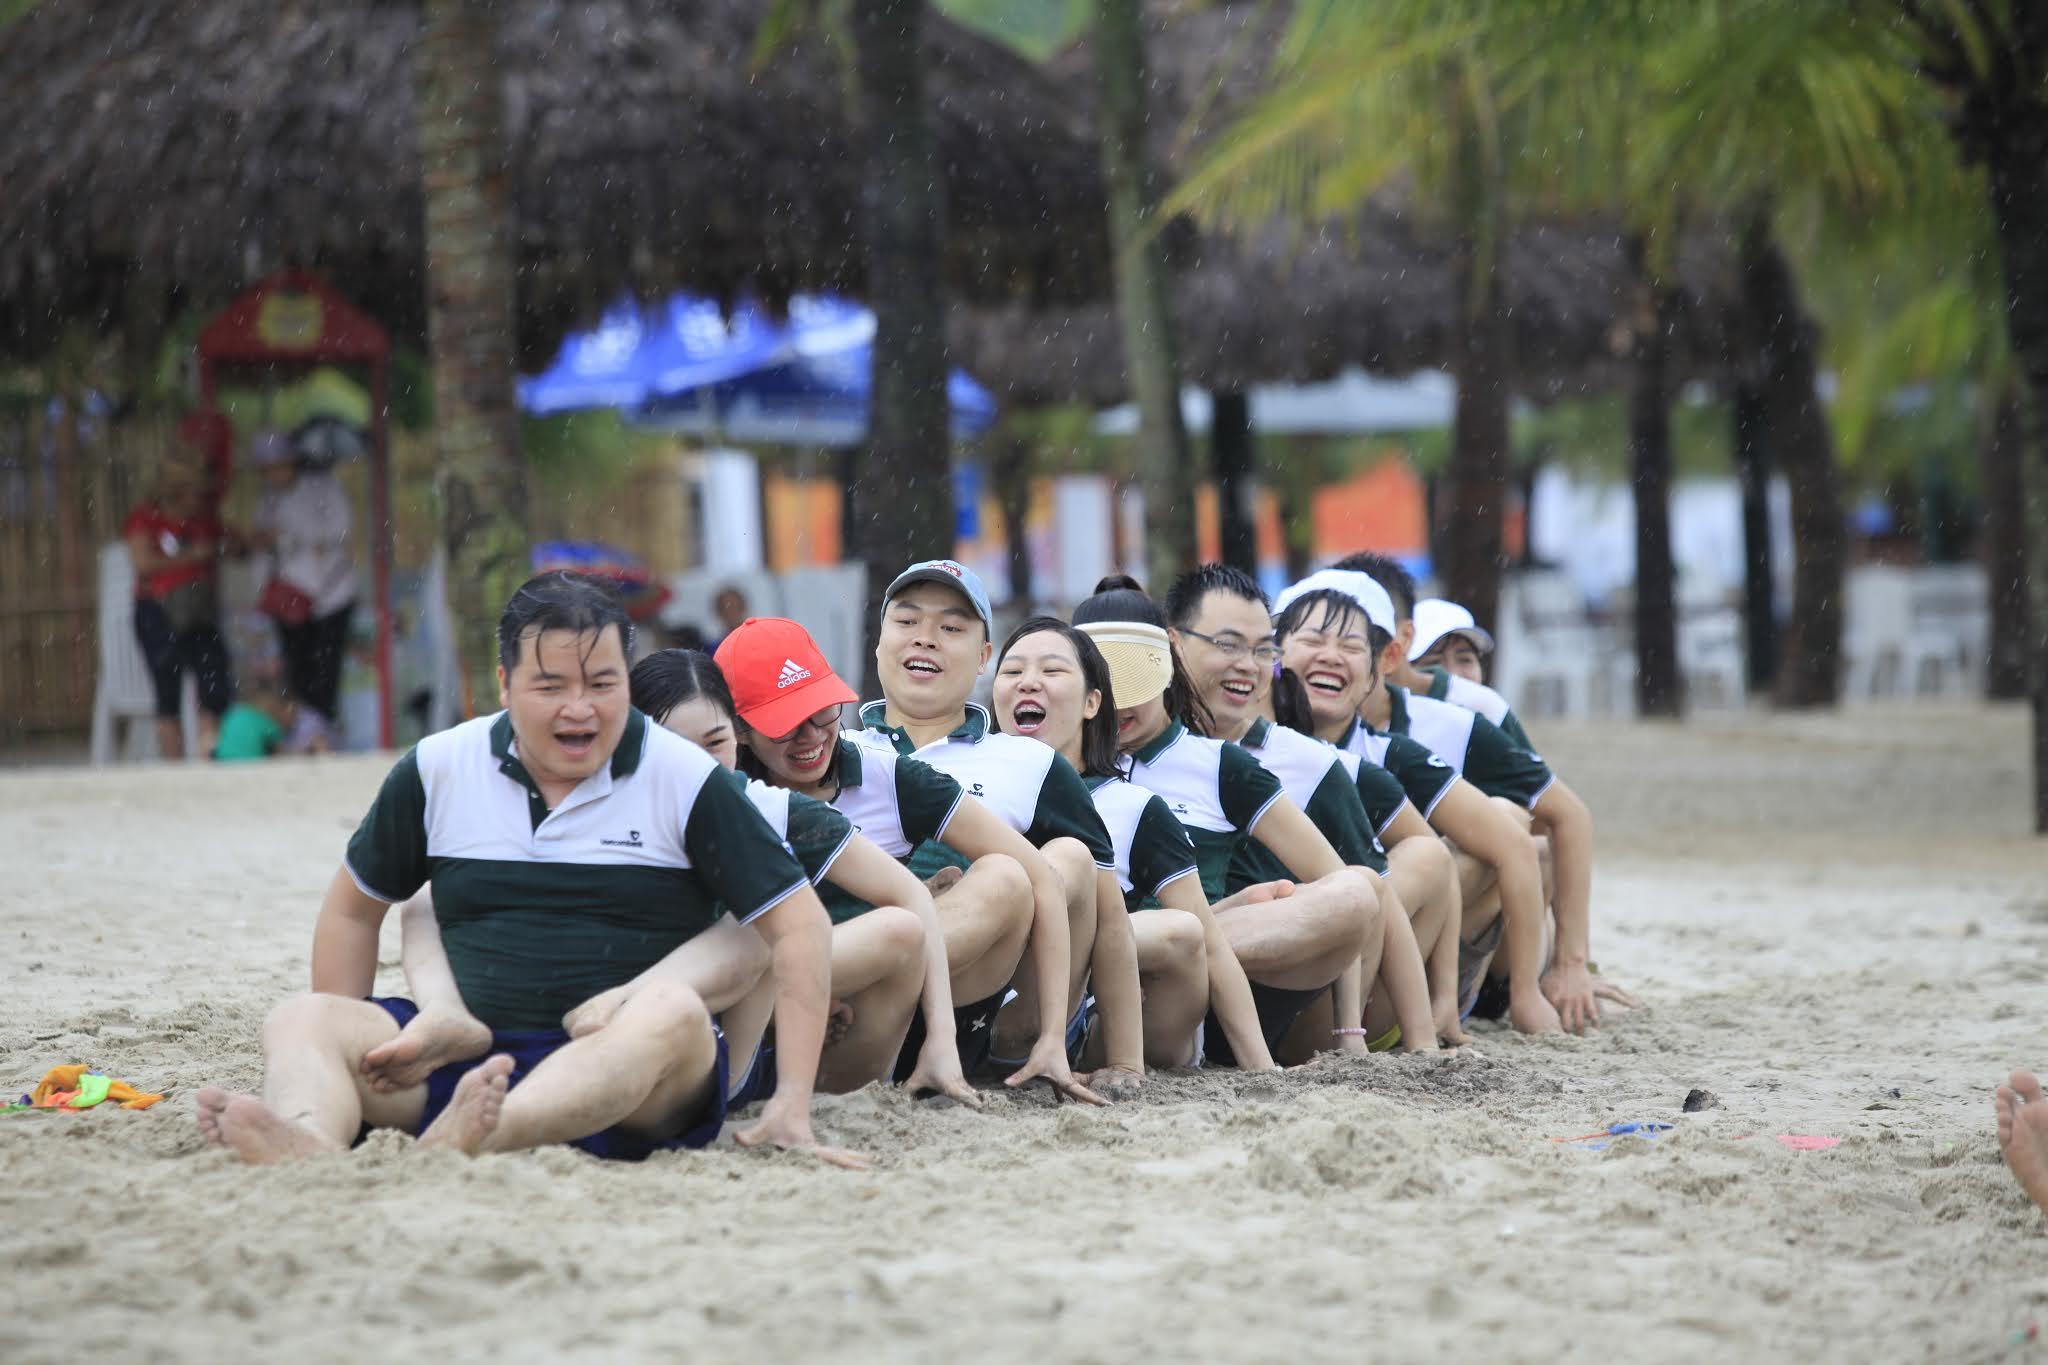 Chụp ảnh team building tại Hạ Long, Ngân hàng Vietcombank chơi tại bãi biển Tuần Châu, trời mưa nhưng mọi người rất vui vẻ và ảnh đẹp